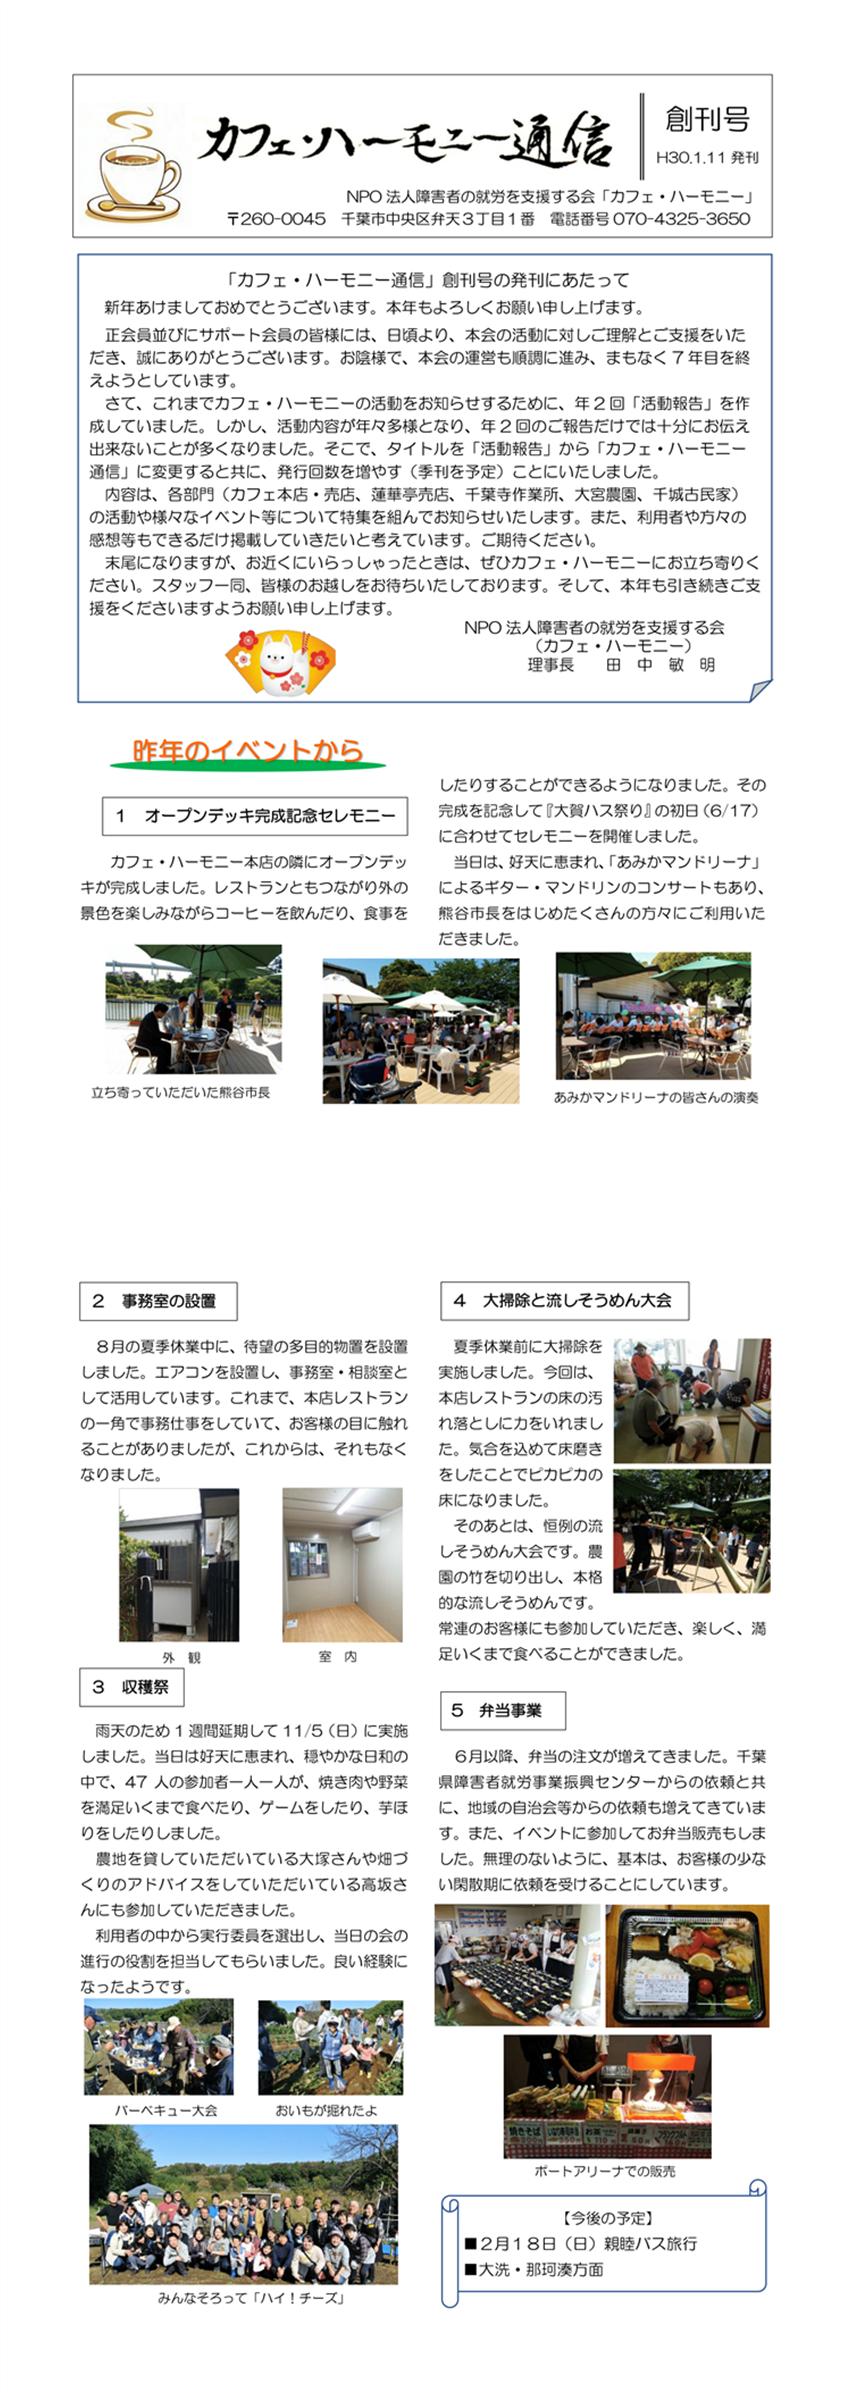 カフェ・ハーモニー通信 創刊号